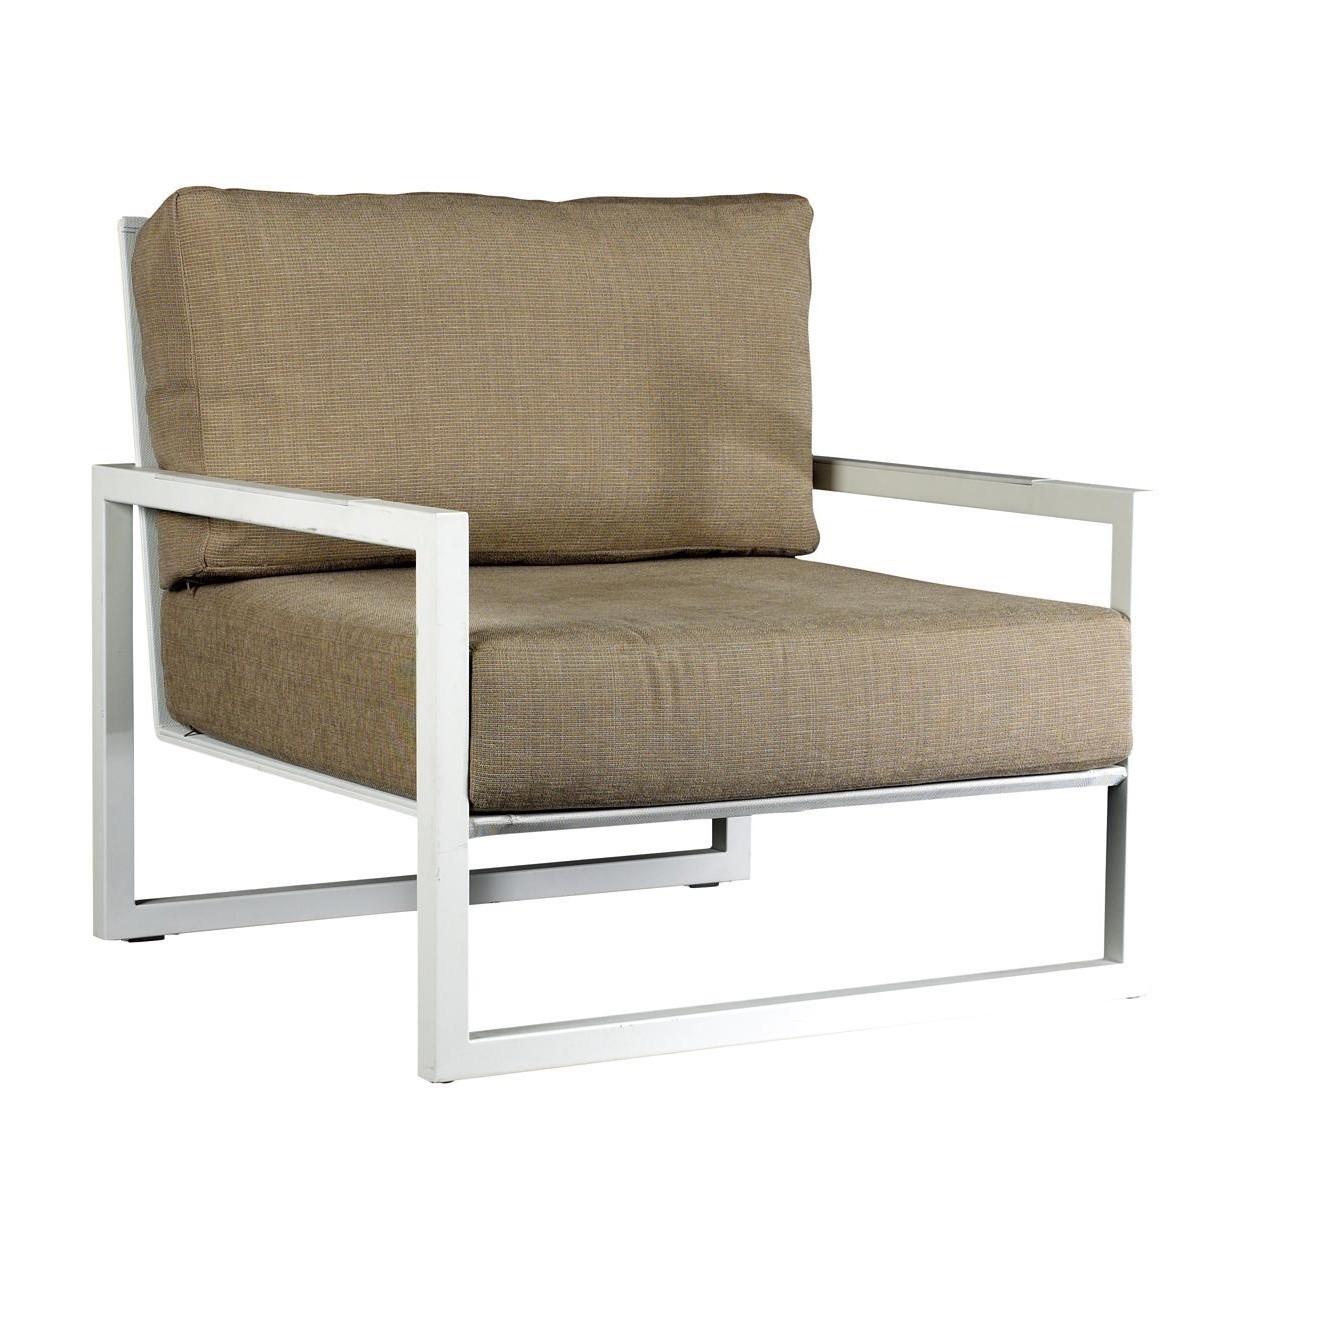 Royal Botania Ninix 100 Lounge Sessel Ambientedirect